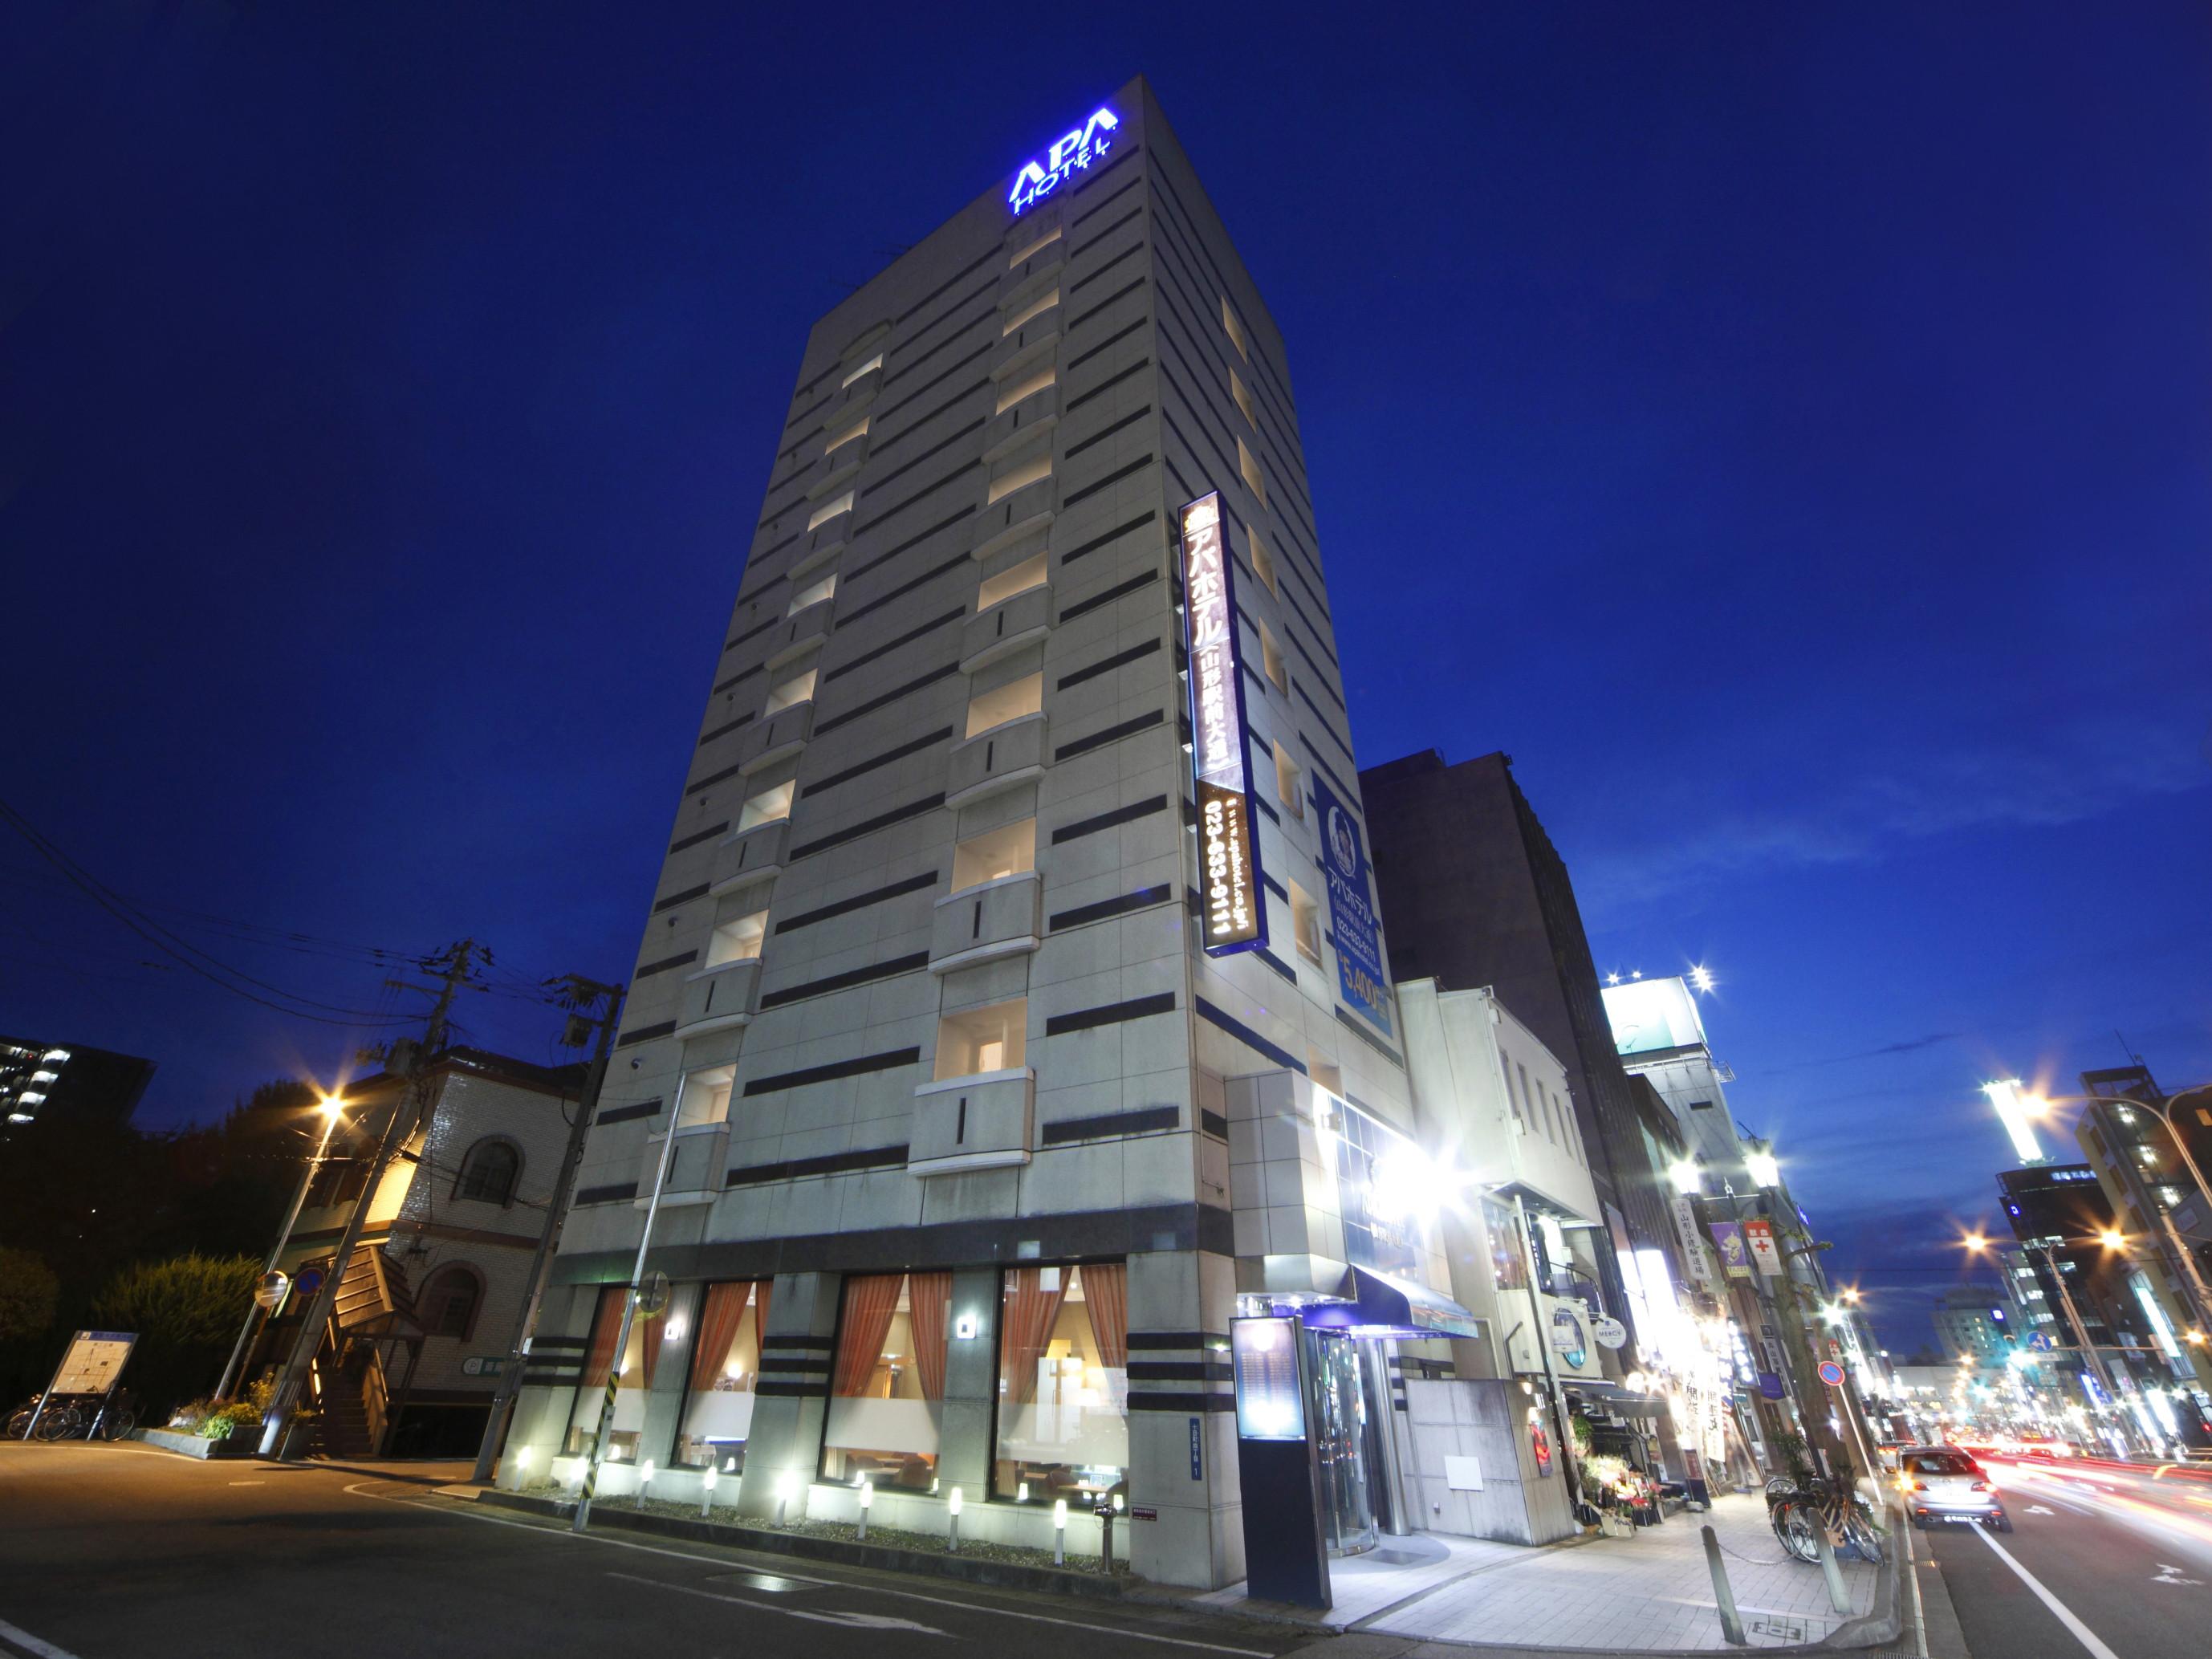 アパホテル〈山形駅前大通〉 のアルバイト情報